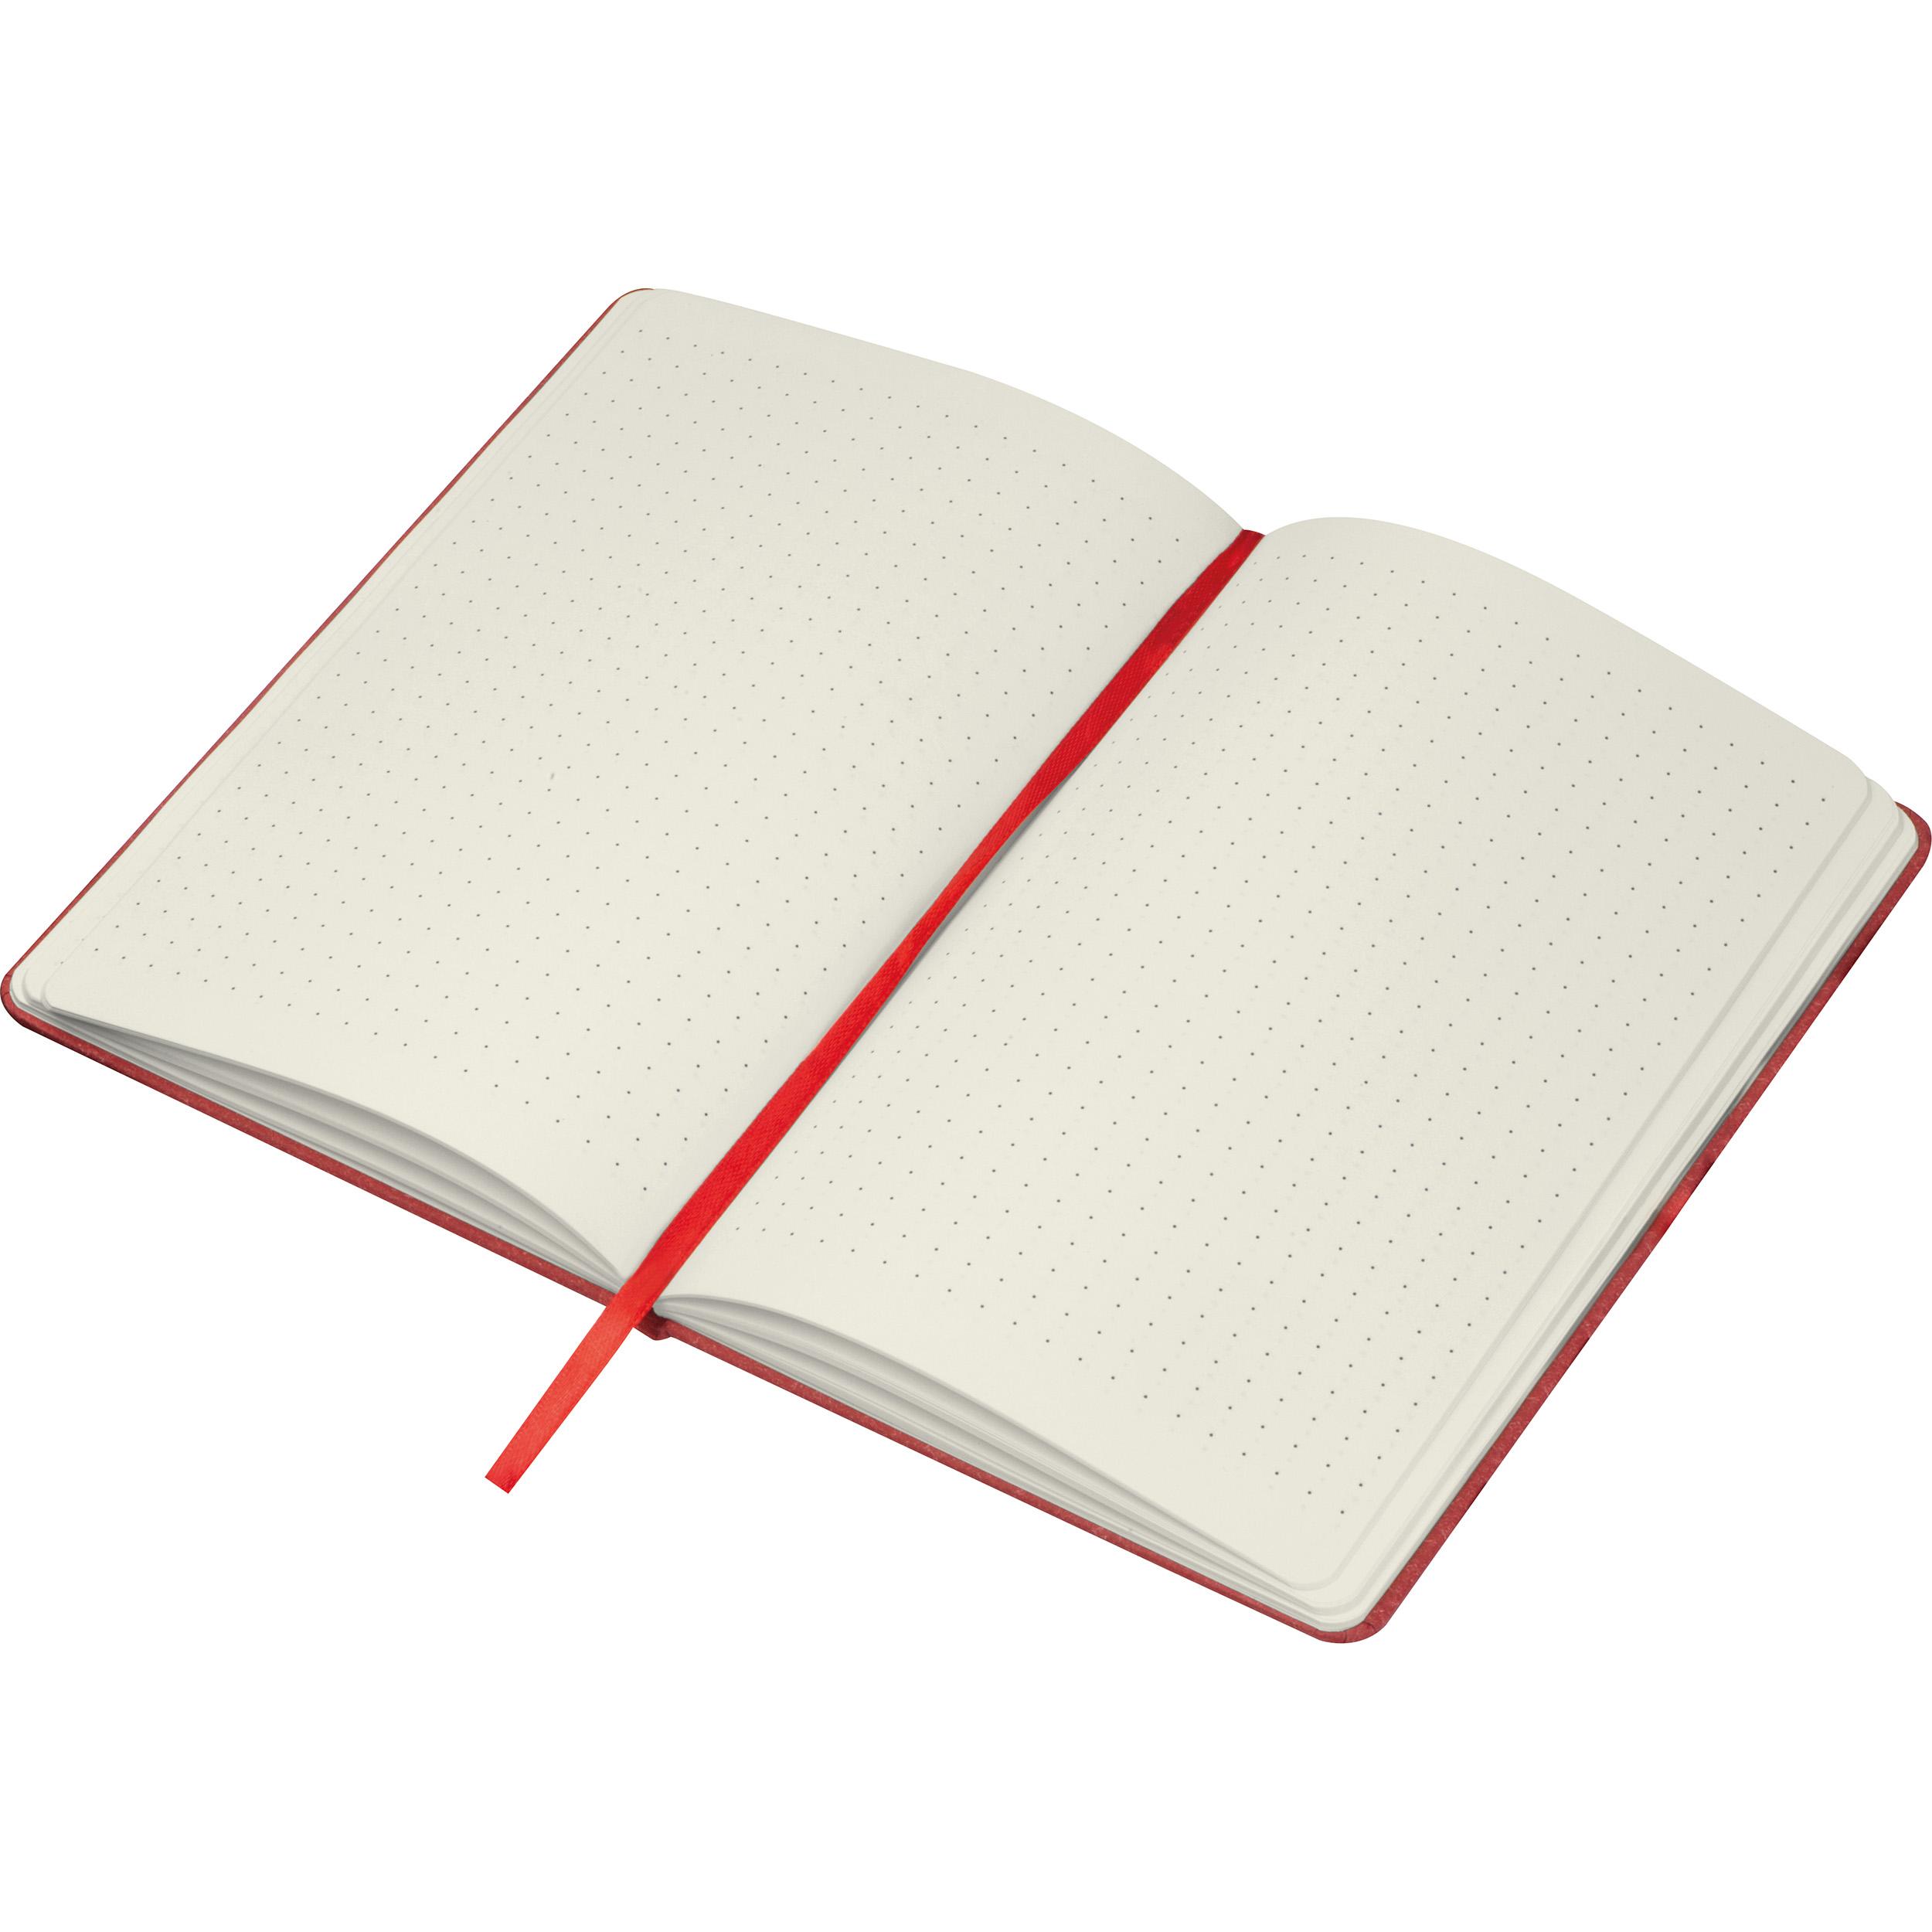 A5 Notizbuch mit Kartonumschlag und gepunkteten Seiten